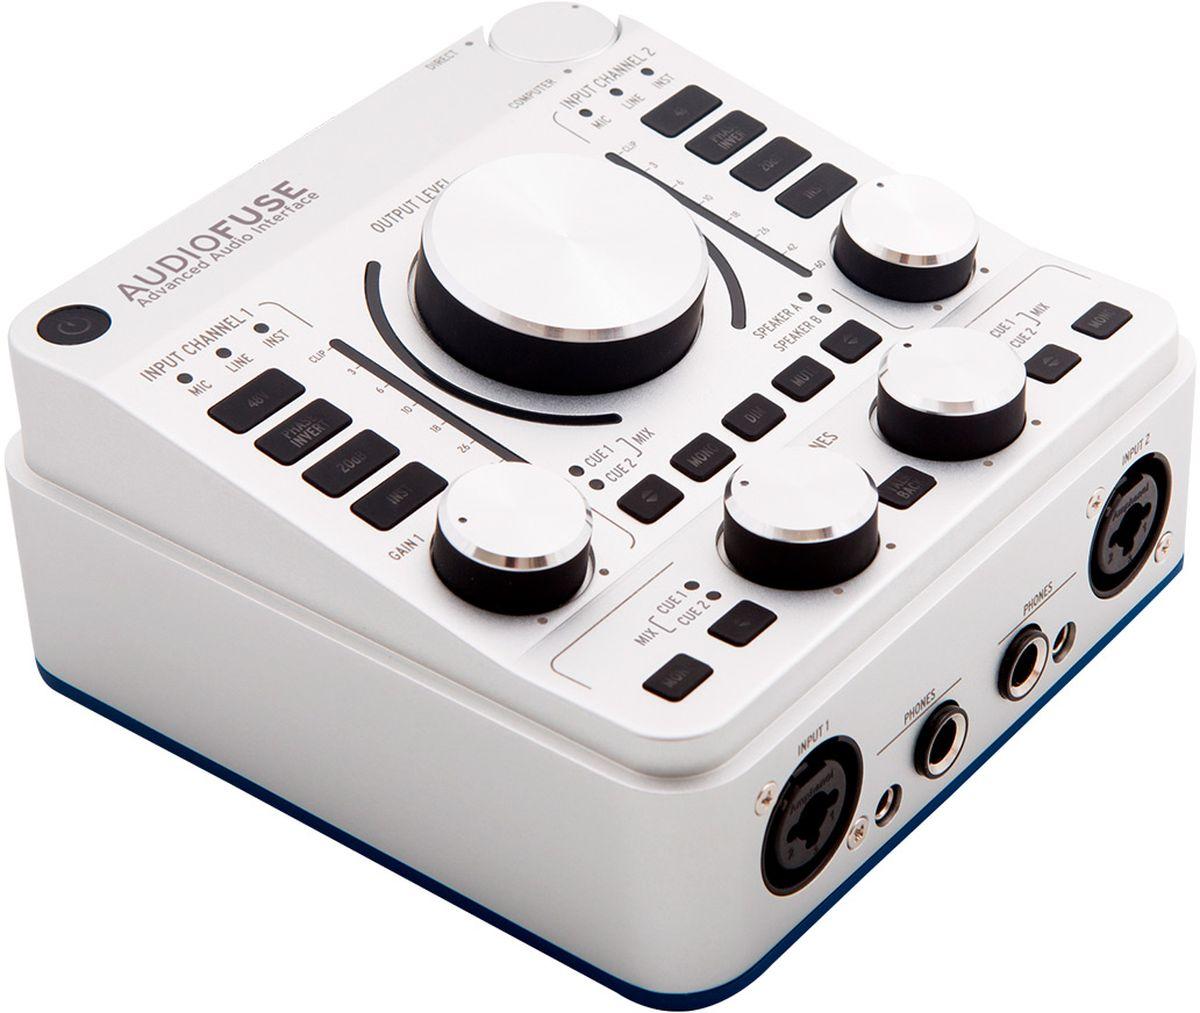 Arturia Audiofuse, Classic Silver аудиоинтерфейсMCI53478Arturia Audiofuse - это революционный профессиональный аудиоинтерфейс, определивший новые стандартыобработки сигнала, удобства работы со звуком и рентабельности.Технология DiscretePRO обеспечивает качество звука, сравнимое со студийной аналоговой консолью класса High- End. Мобильные размеры, надёжность конструкции и солидный набор входов-выходов позволит вам подключитьлюбые устройства — как на сессии звукозаписи, так и живом выступлении.DiscretePRO — это продвинутая технология усиления слабого микрофонного сигнала до рабочего, линейногоуровня без привнесения каких-либо шумов или искажений.Arturia сделала AudioFuse удобным именно для вашего творческого процесса. Лишь пара кликов — и любая вашазадумка будет мгновенно реализована:Выберите нужный вход. Направьте сигнал на желаемую акустическую систему. Отрегулируйте громкость канала отдельной ручкой. Готово!Никаких меню. Никаких сложностей. Каждая функция — на расстоянии клика.AudioFuse предлагает сверхнадёжное подключение любых аудиоустройств и стабильную работу с любымиоперационными системами. Каждый аудиоинтерфейс проходит жёсткое тестирование перед отправкойпокупателю, а индивидуальные результаты тестов прилагаются в комплекте.Встроенный в верхнюю панель микрофон и функция Talkback 2 фирменных микрофонных предусилителя с технологией DiscretePRO Отдельные каналы Master и Monitor mix